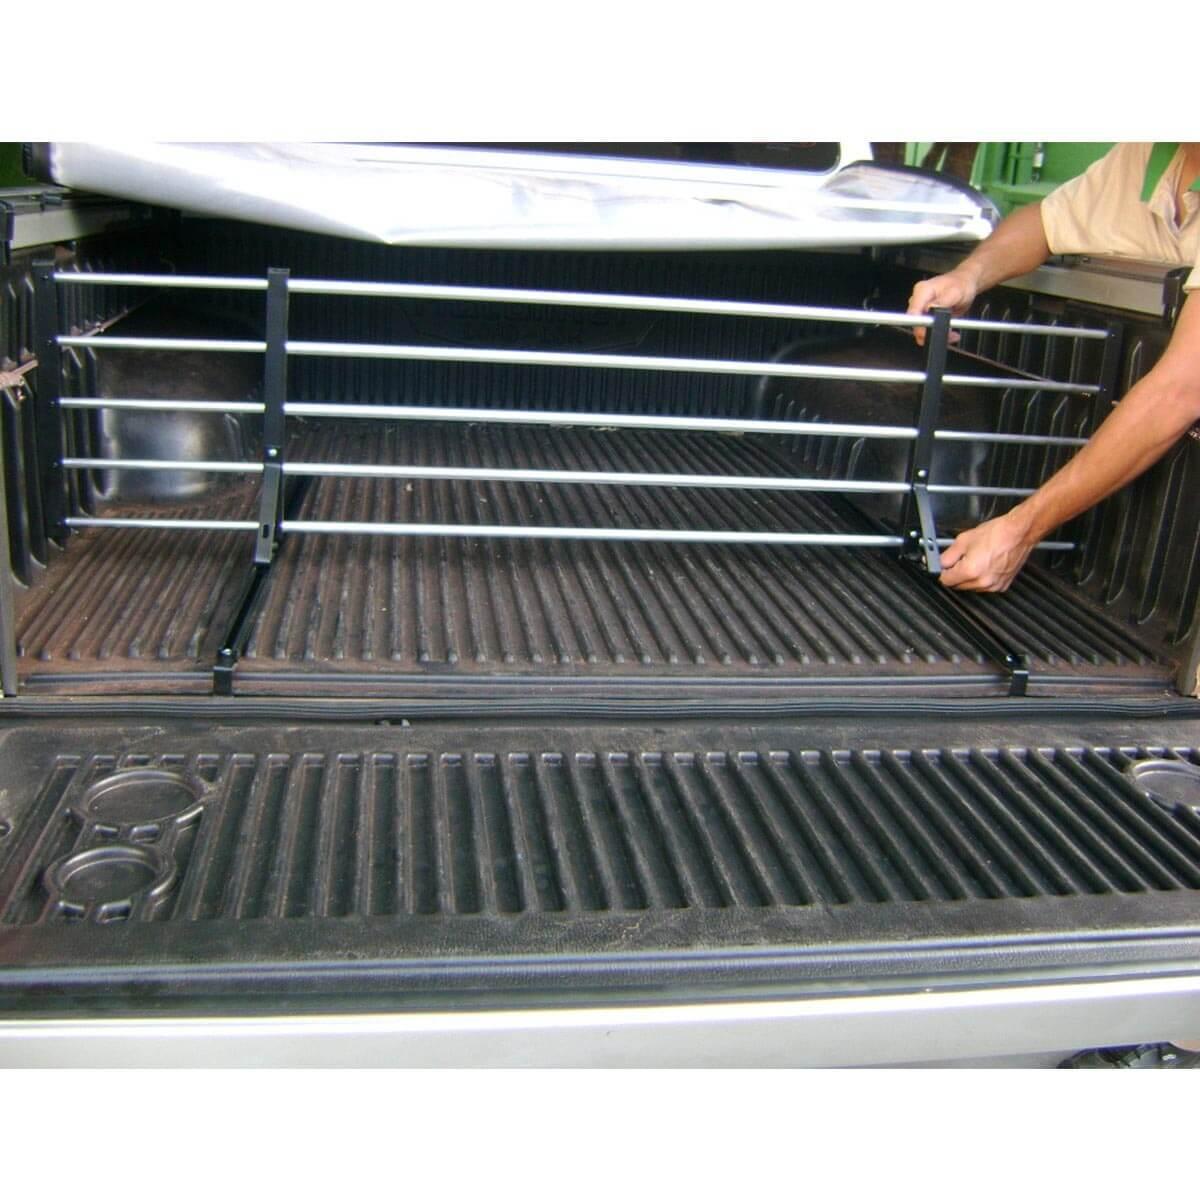 Divisor separador de cargas caçamba S10 1995 a 2011